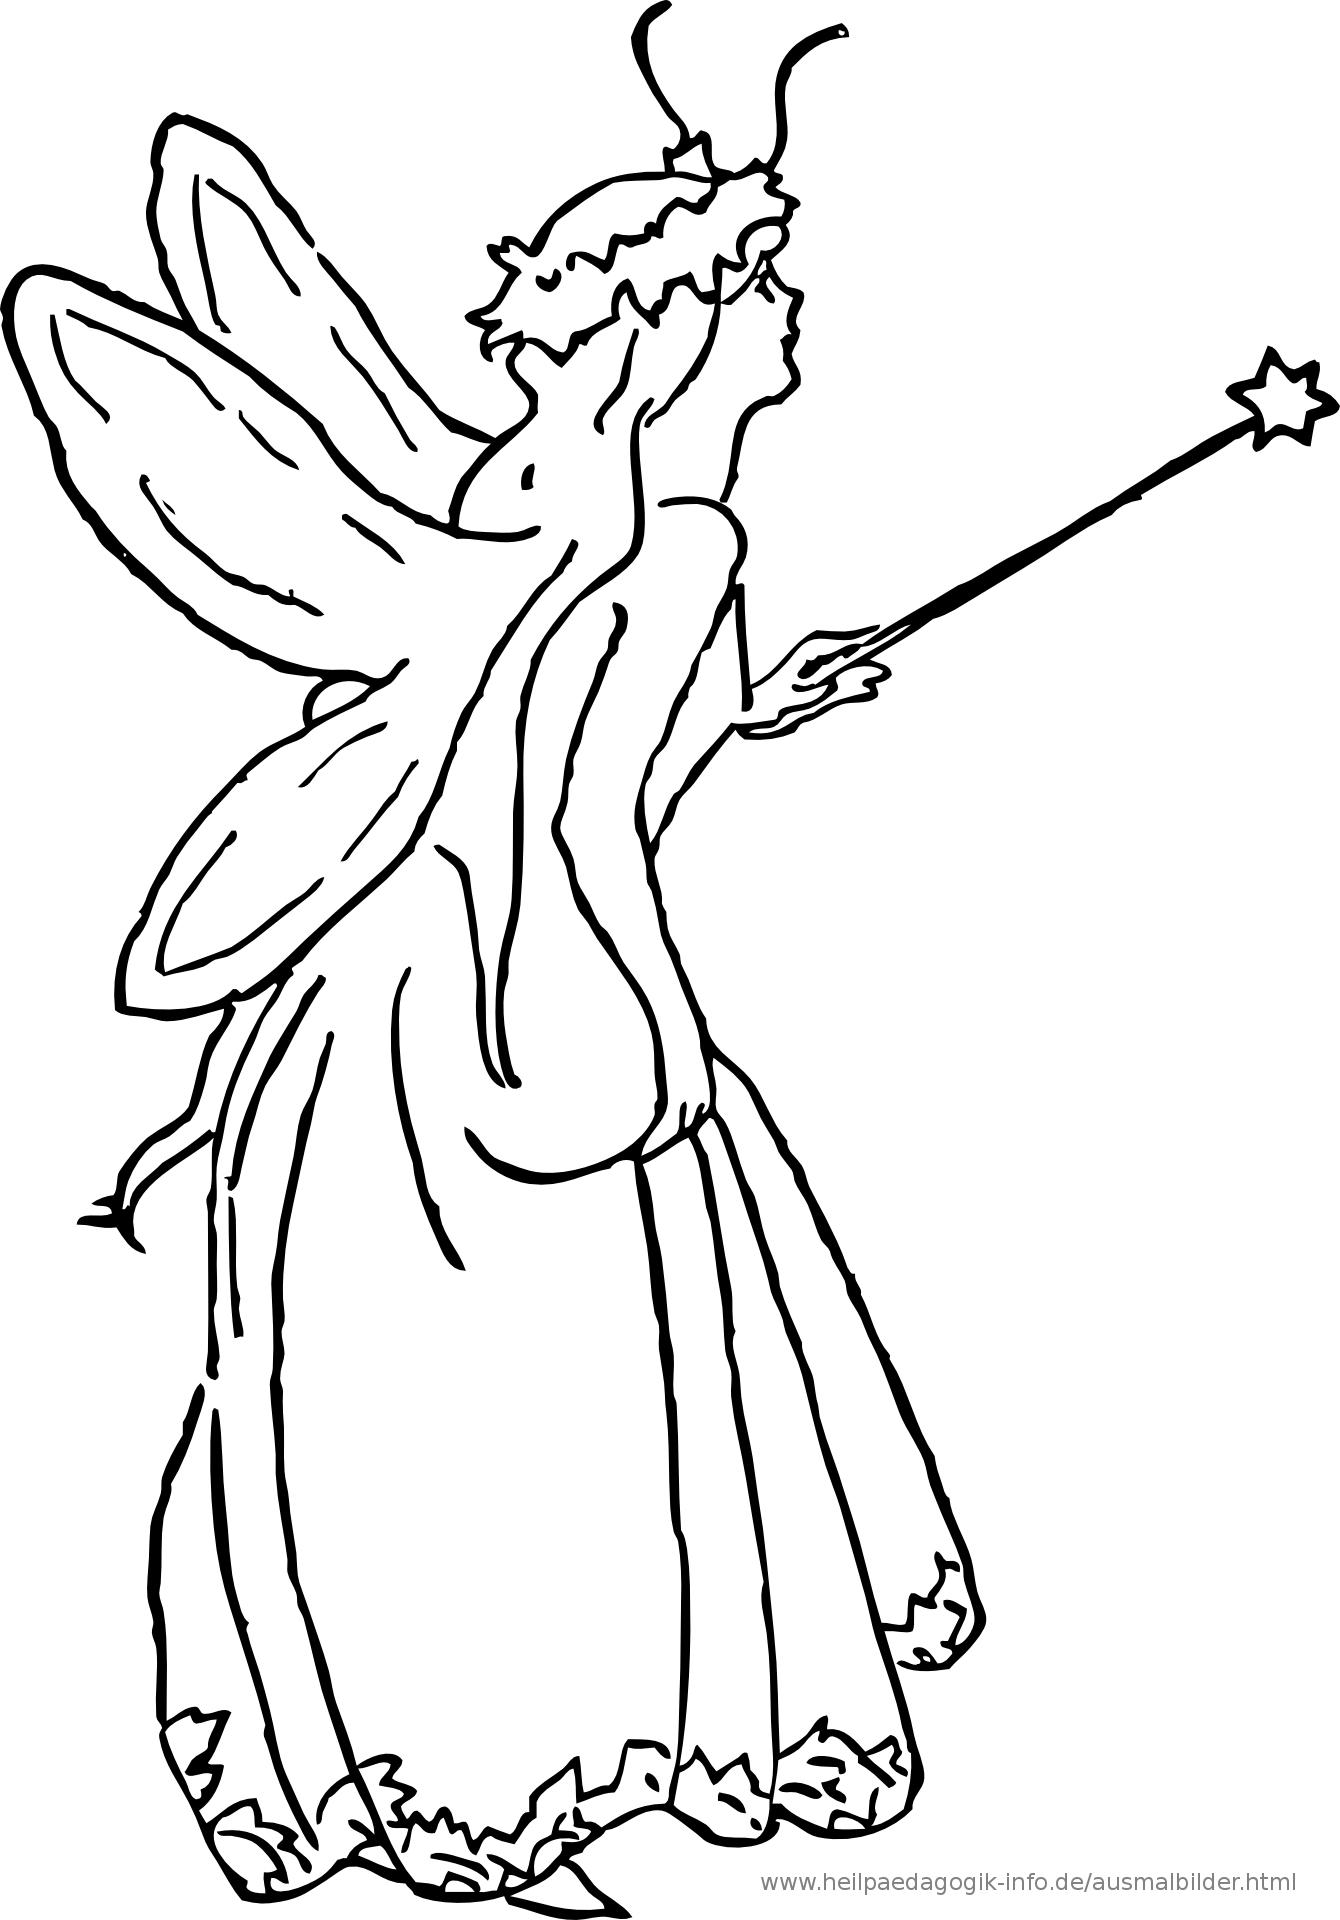 Ausmalbilder Prinzessinnen Und Feen für Ausmalbild Elfe